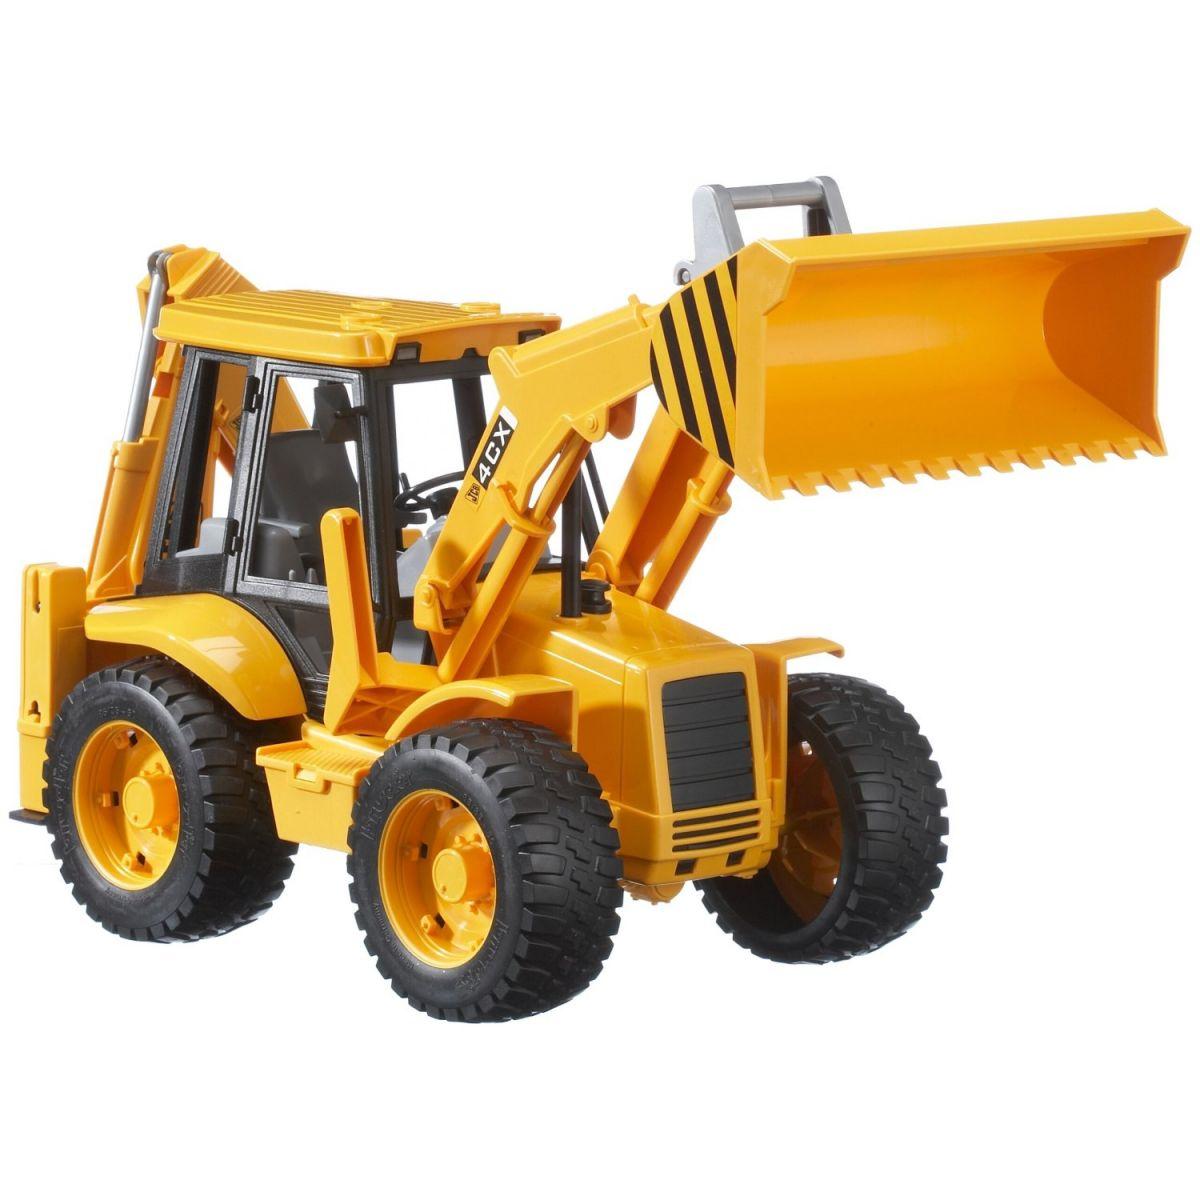 BRUDER 2428 Traktor JCB predný nakladač + bager